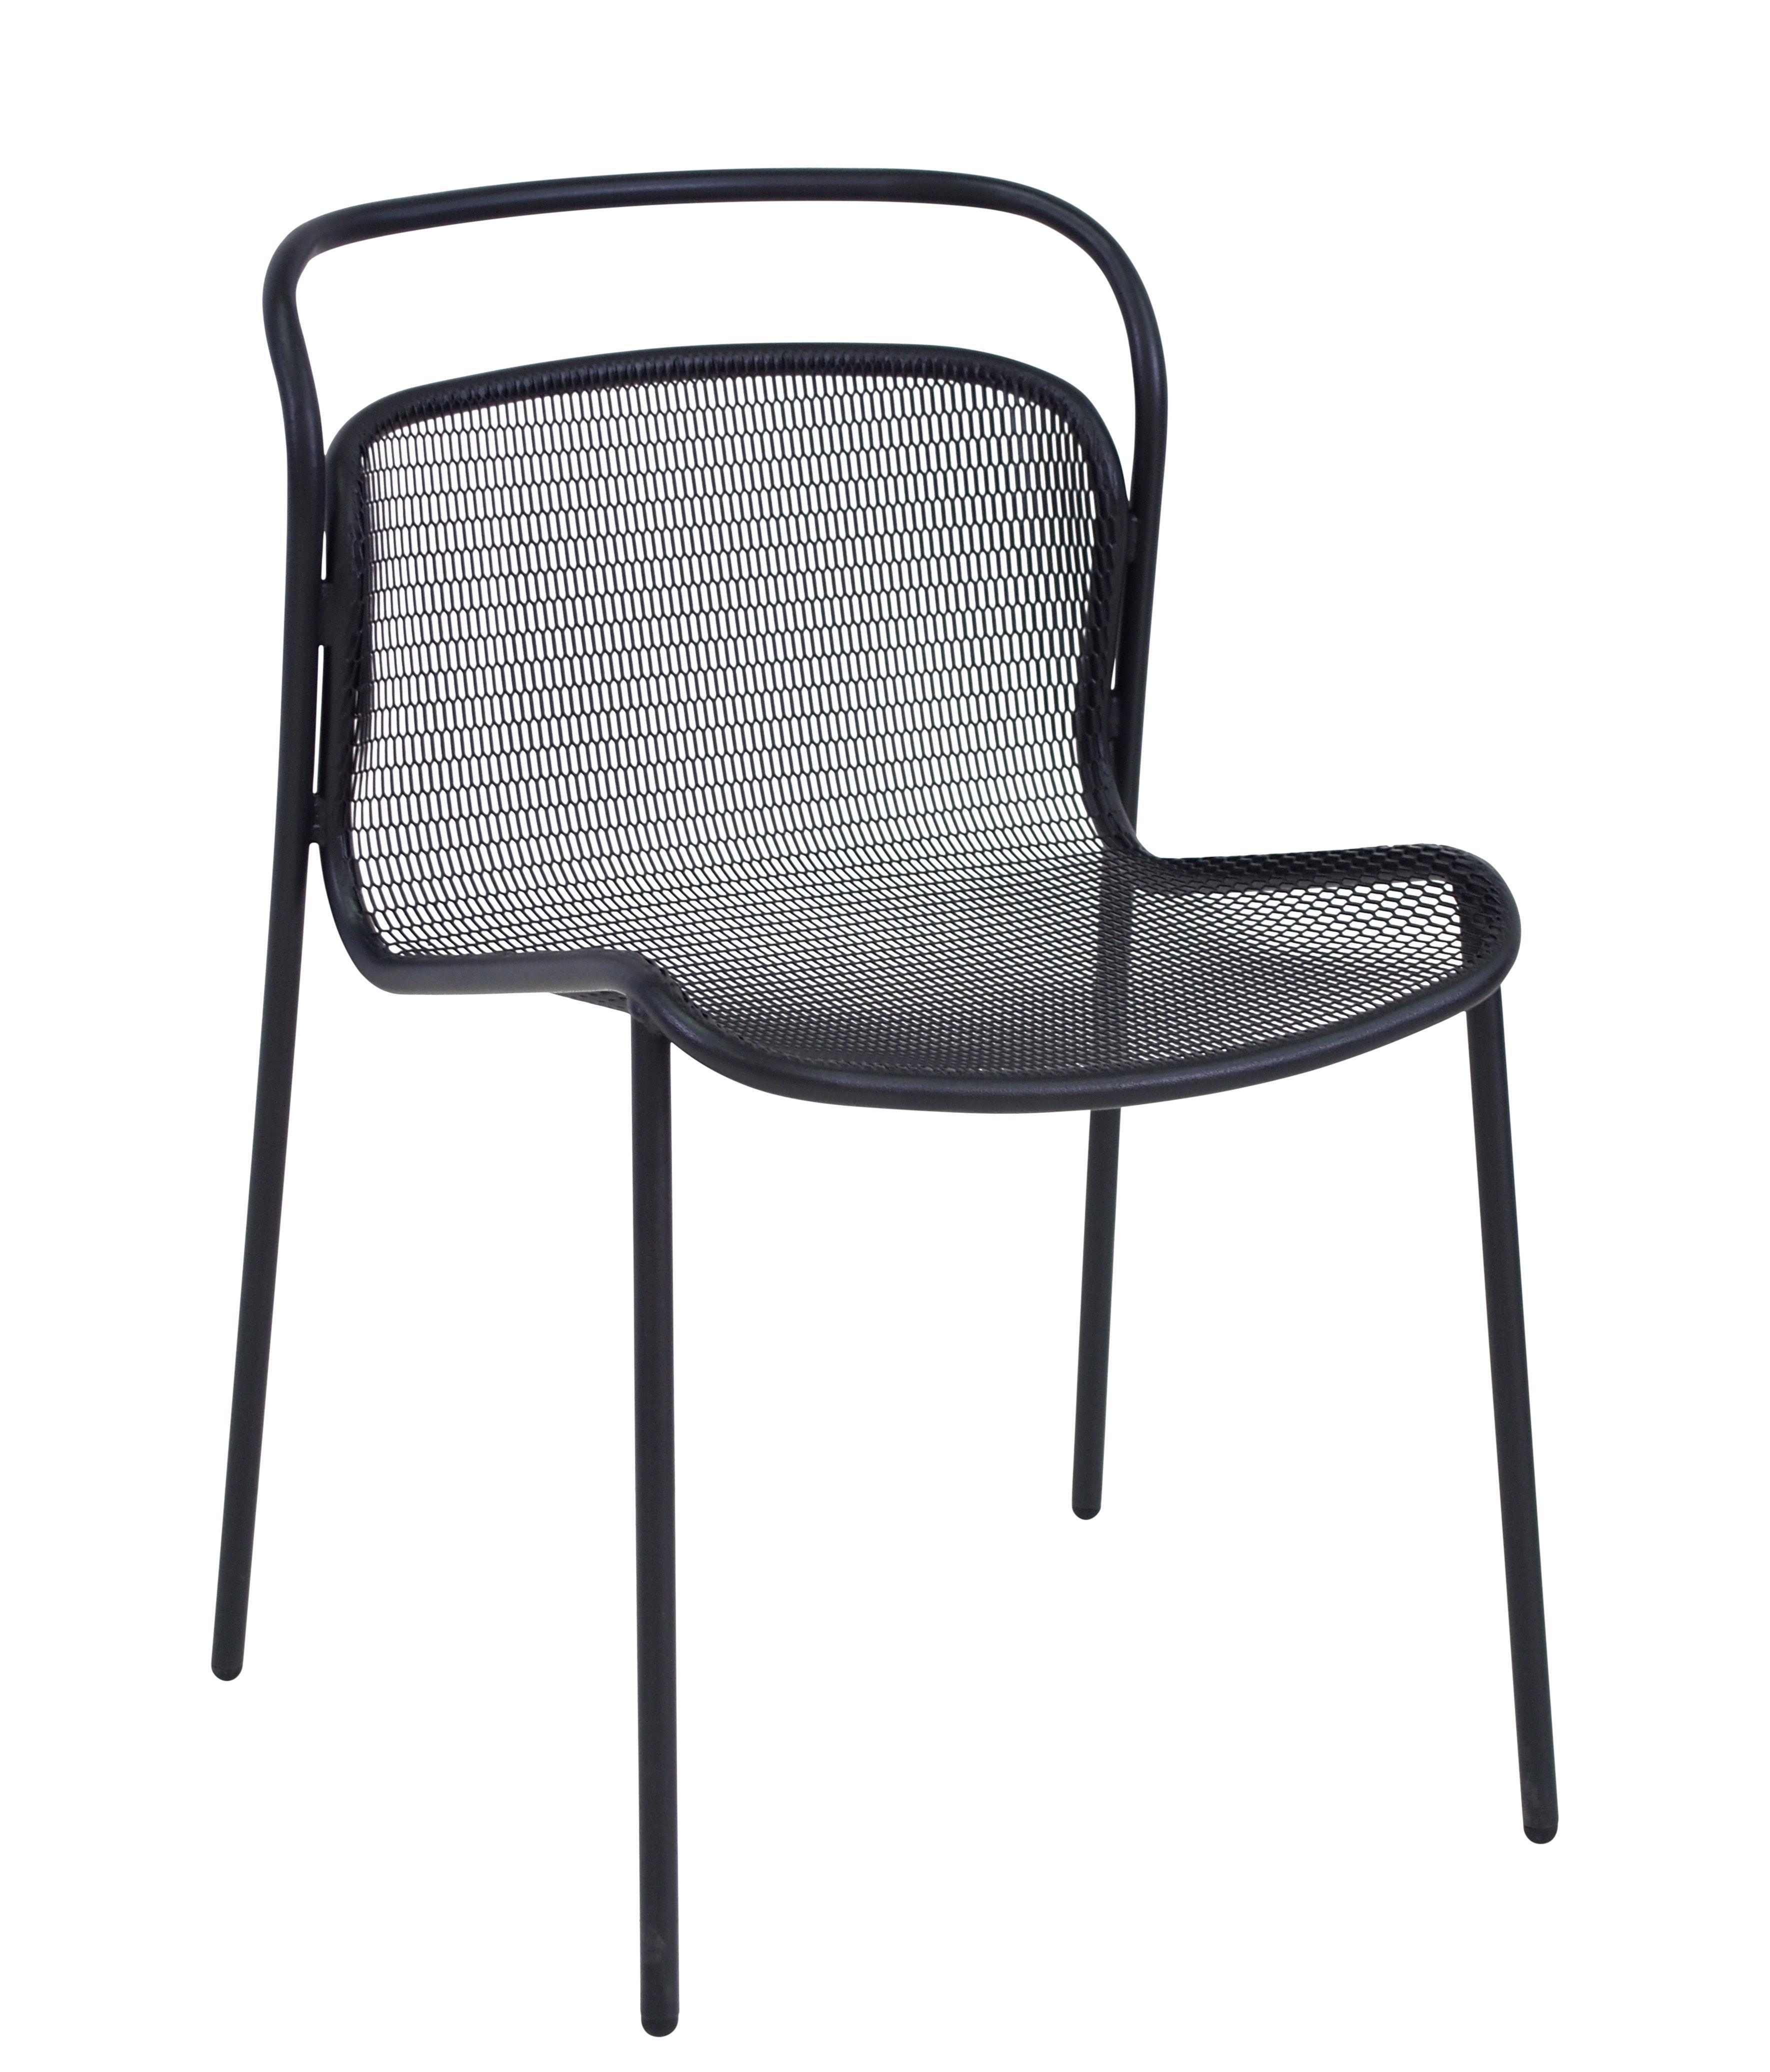 Arredamento - Sedie  - Sedia impilabile Modern - / Metallo di Emu - Nero - Acciaio verniciato